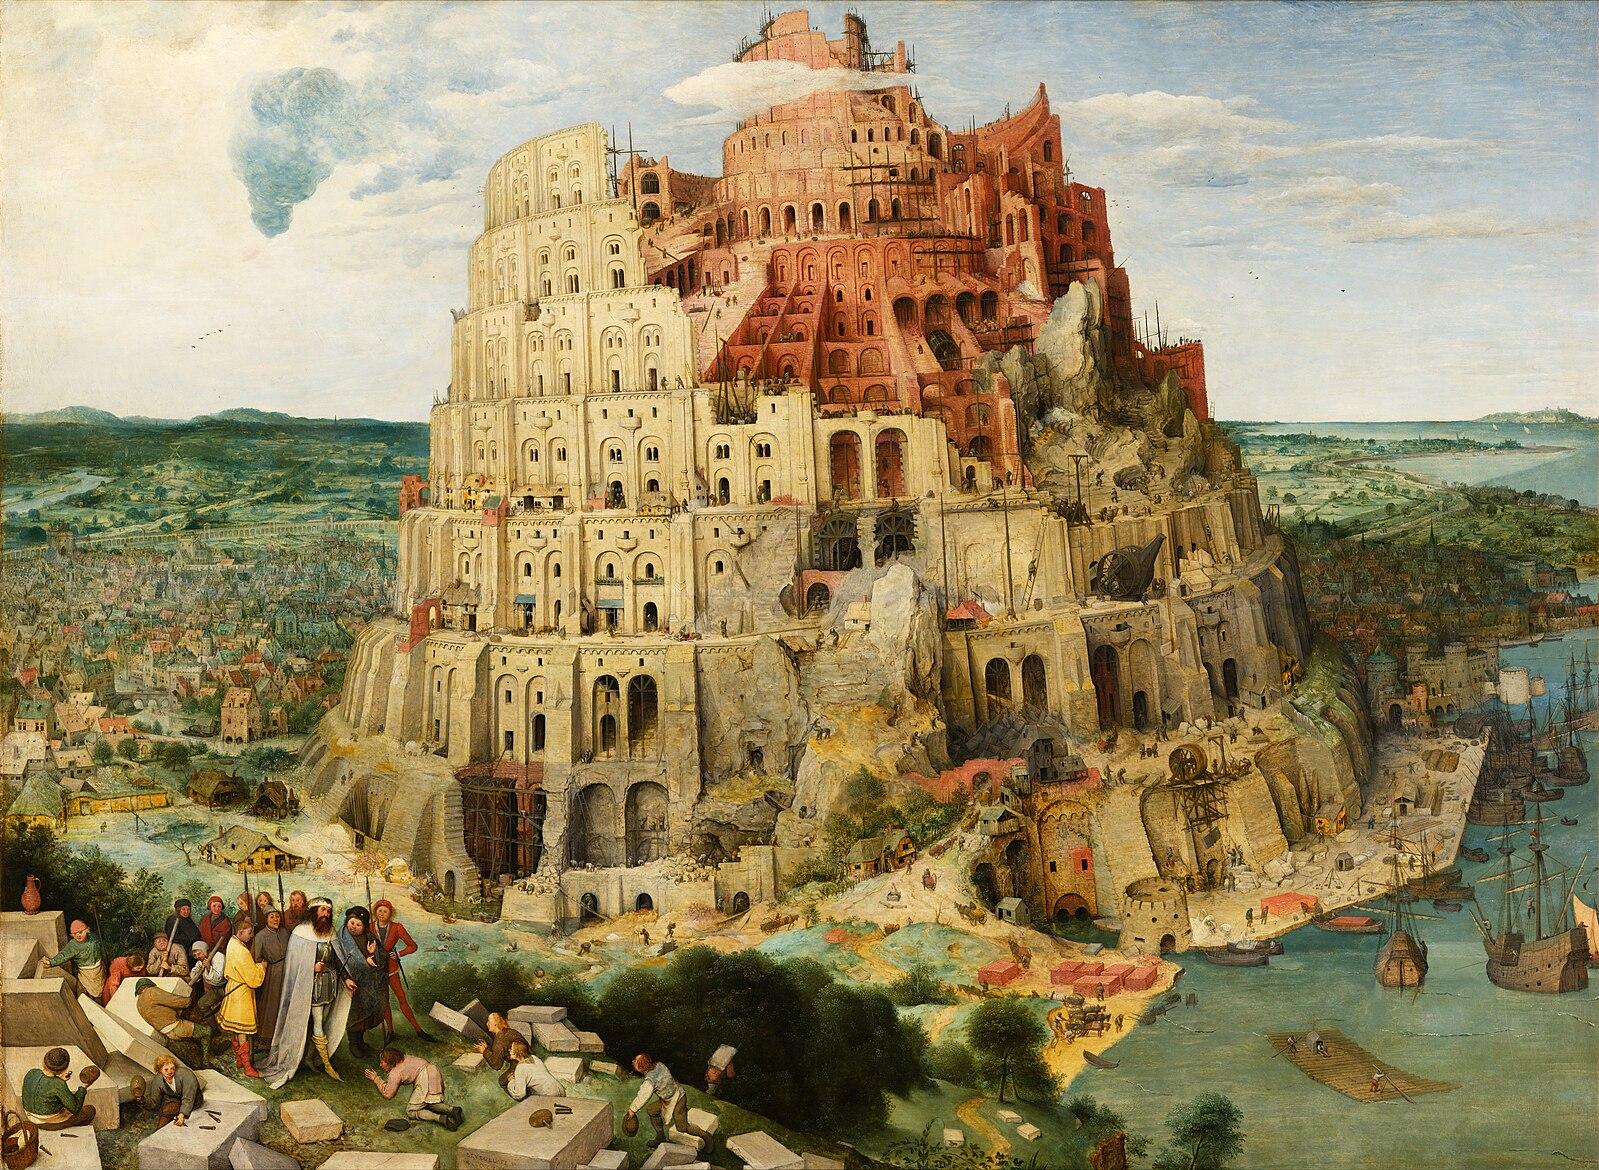 De Toren van Babel van Pieter Brueghel de Oudere